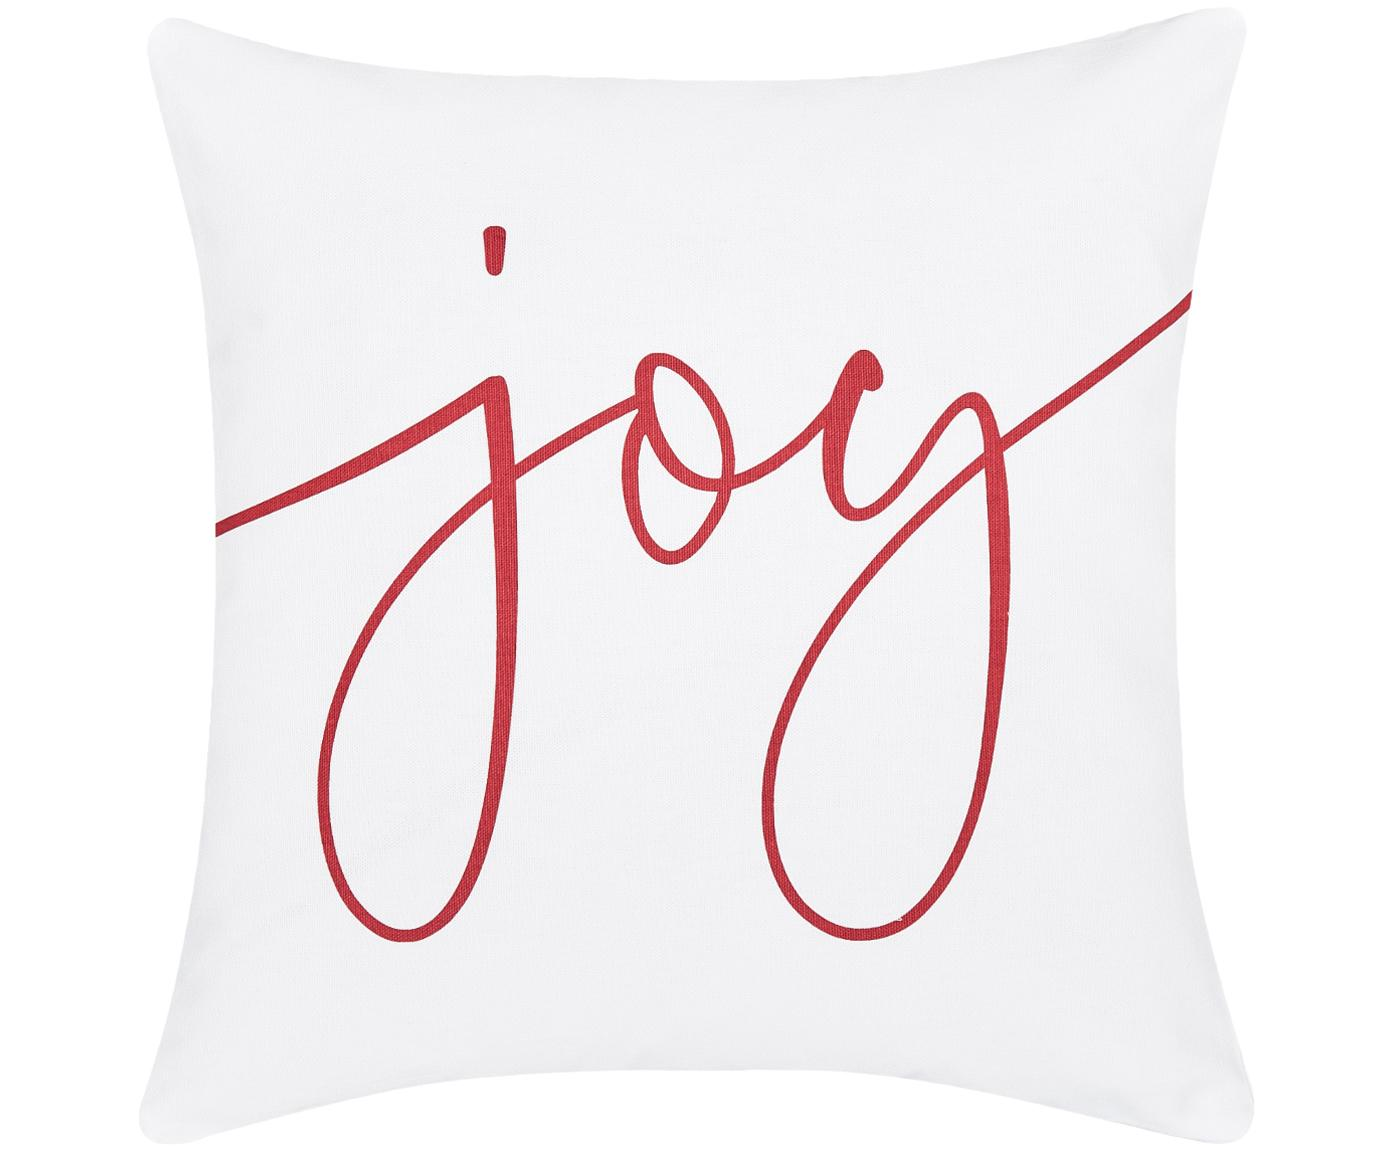 Funda de cojín joy, Algodón, Blanco, rojo, An 40 x L 40 cm